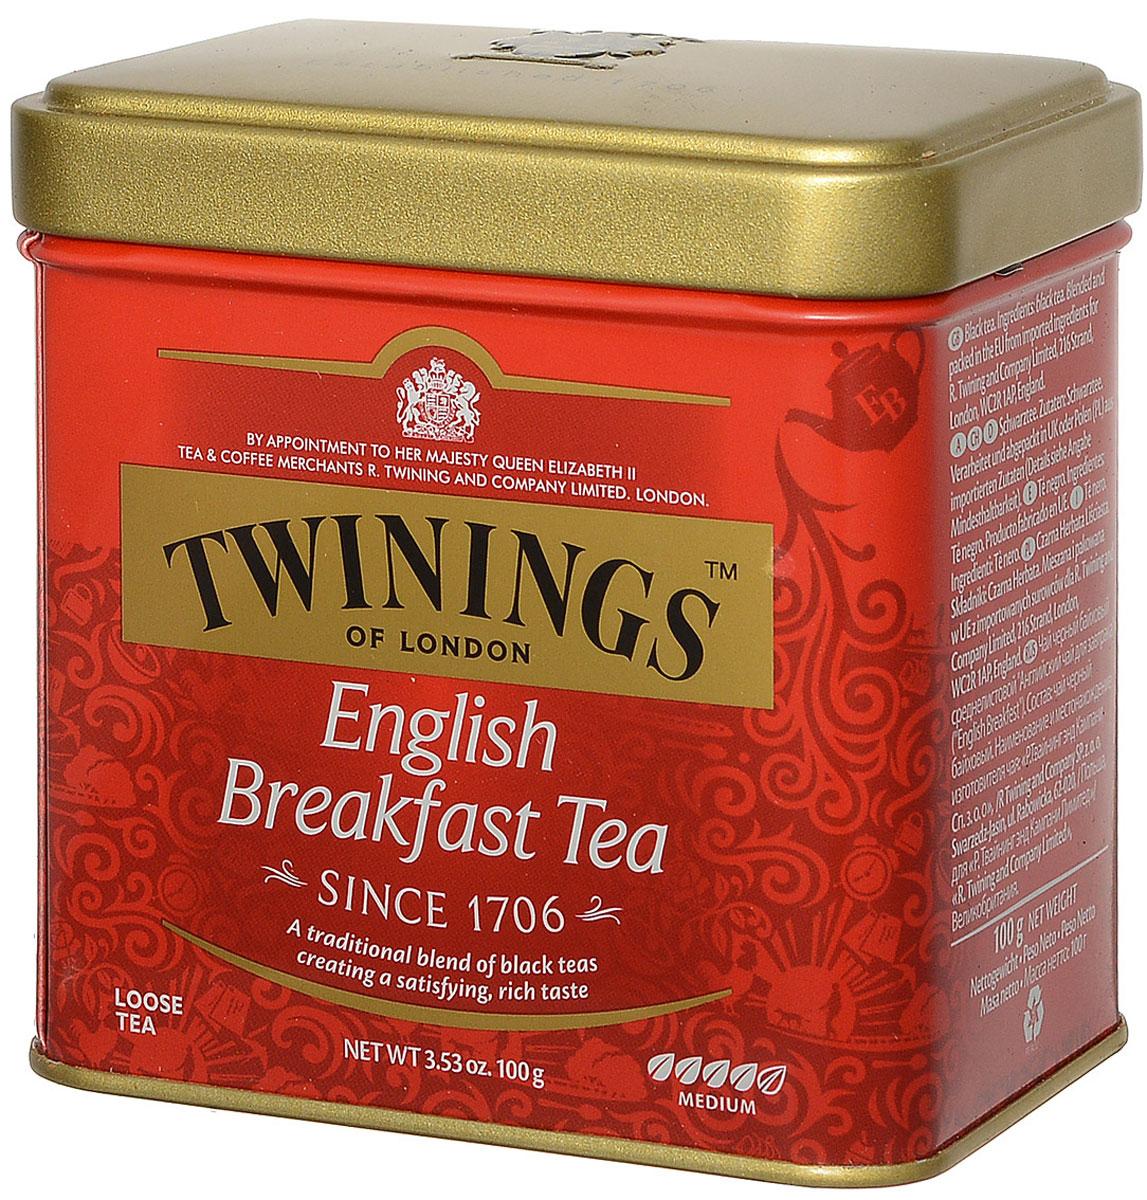 Twinings English Breakfast чай черный, 100 г01779Twinings English Breakfast - крепкий освежающий черный чай среднелистовой. Breakfast - бодрящий напиток с насыщенным вкусом и цветом. Идеально подходит для тех, кому трудно просыпаться по утрам. Он хорошо сочетается с молоком или лимоном.